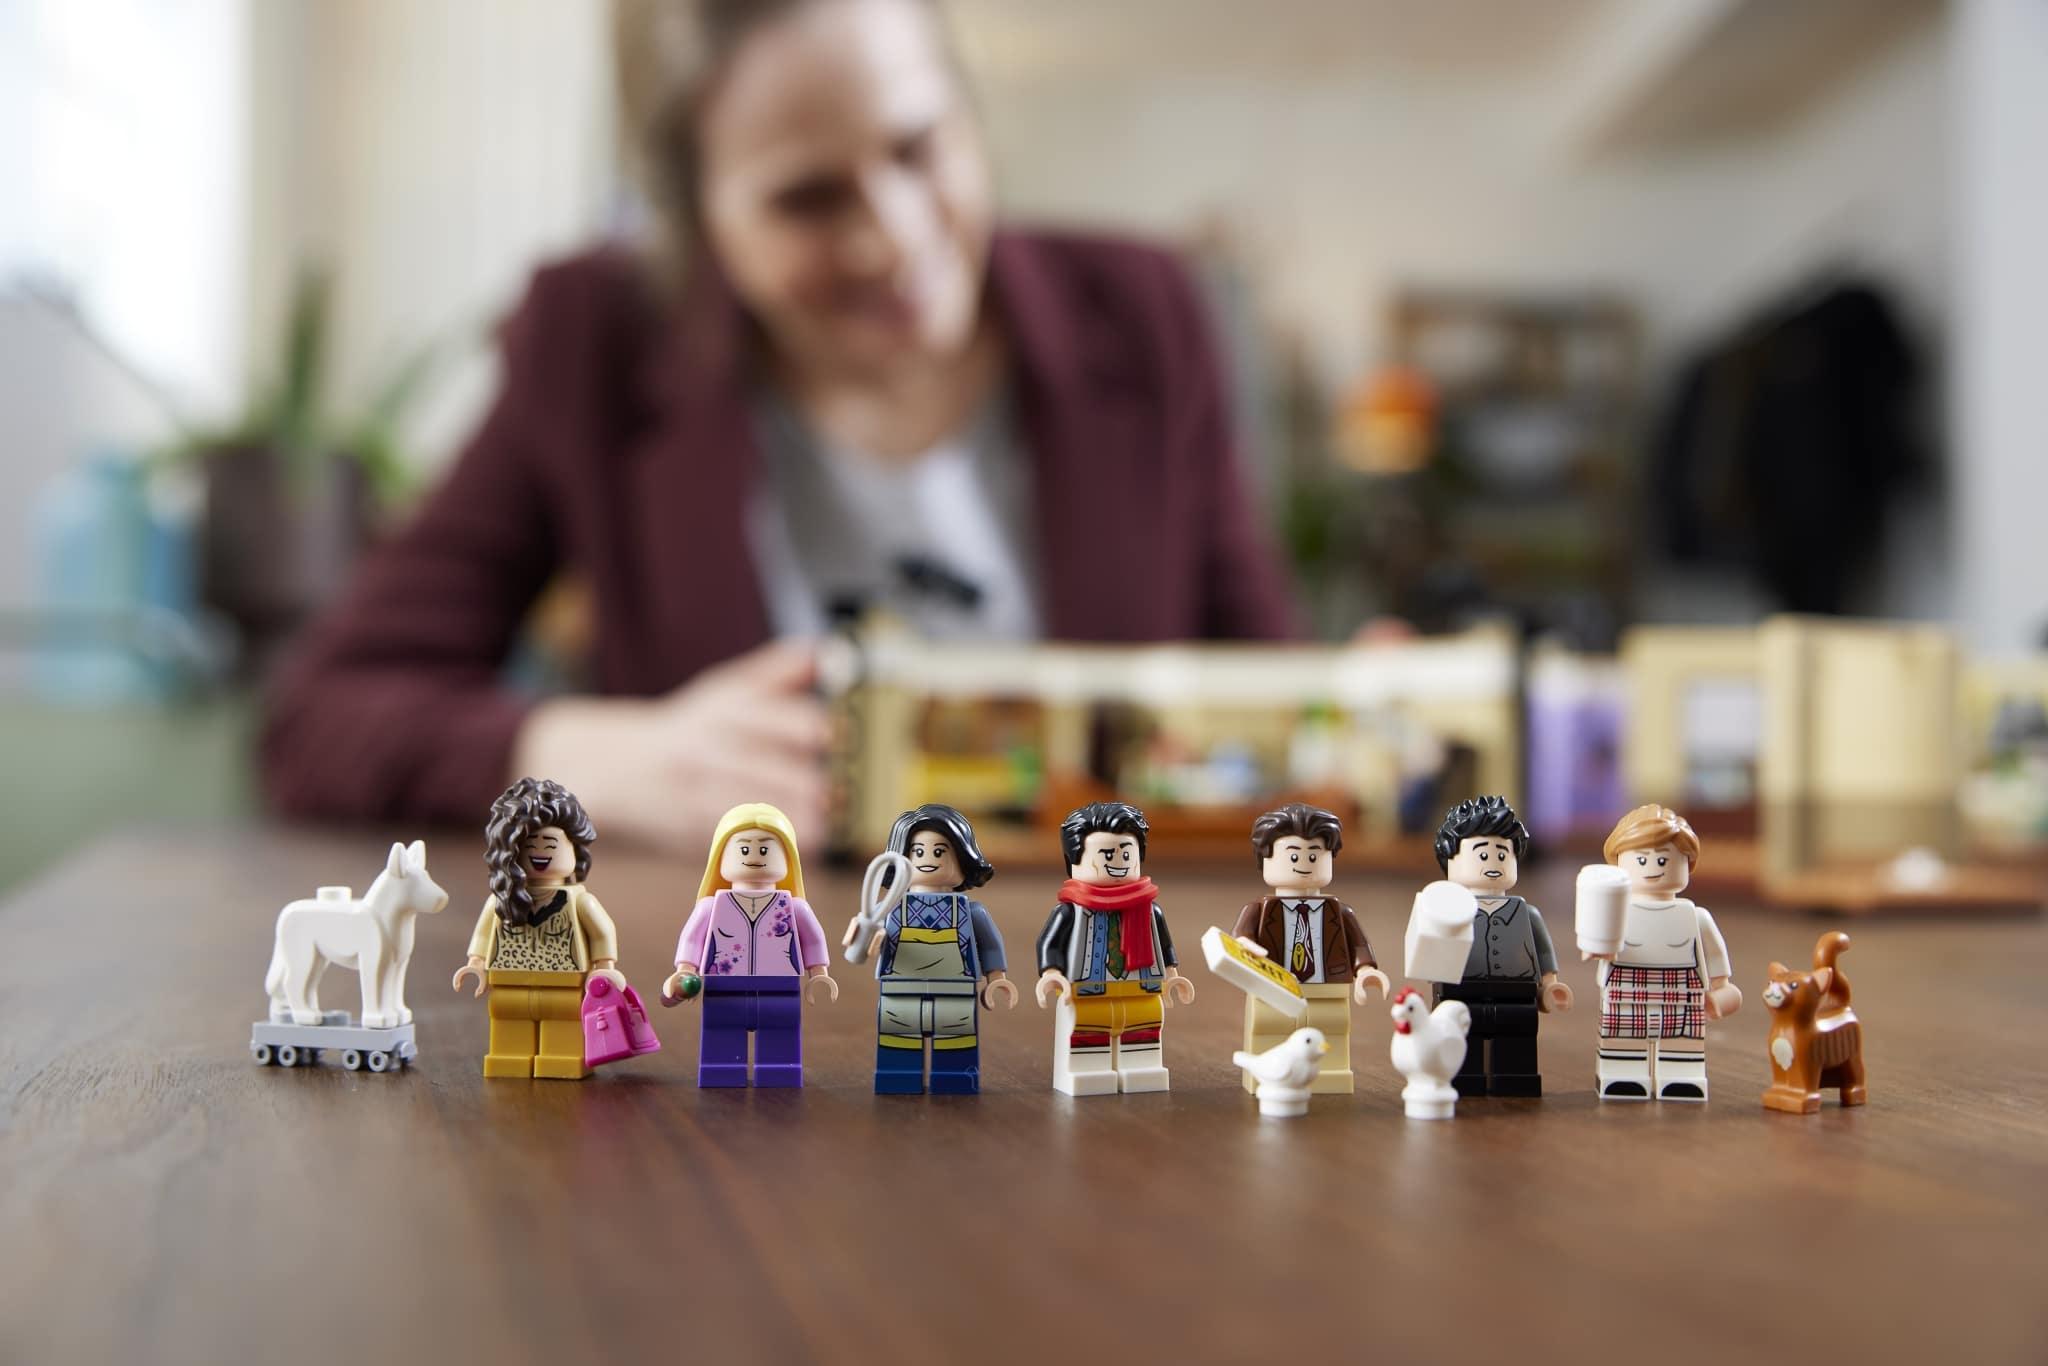 Set de LEGO inspiré de la série Friends